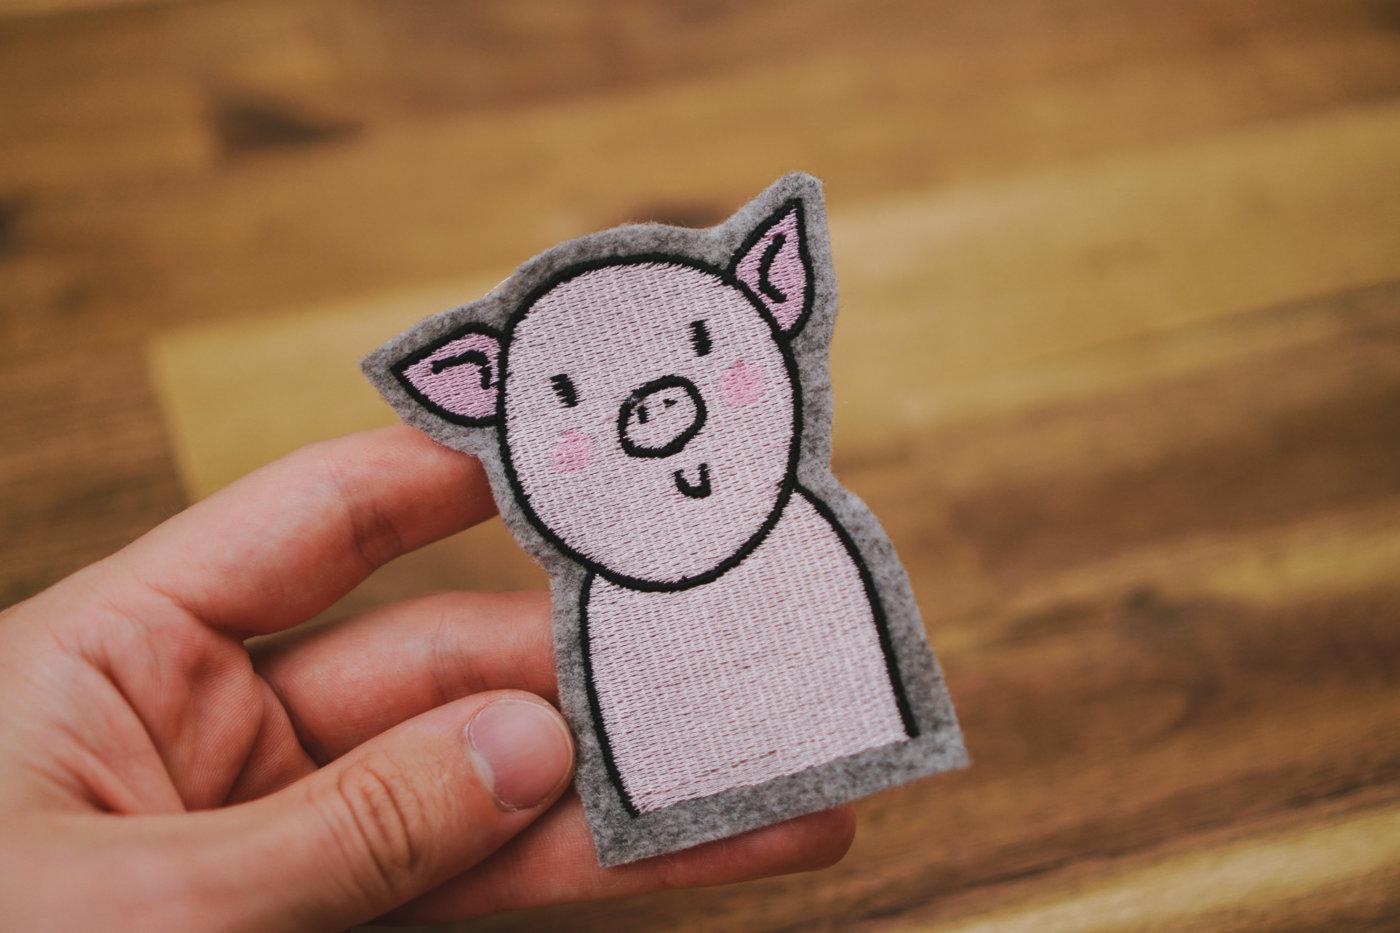 Stickdatei Schwein herunterladen stickdatei schwein 🐷 Schwein stickdatei schwein 02 1400x933